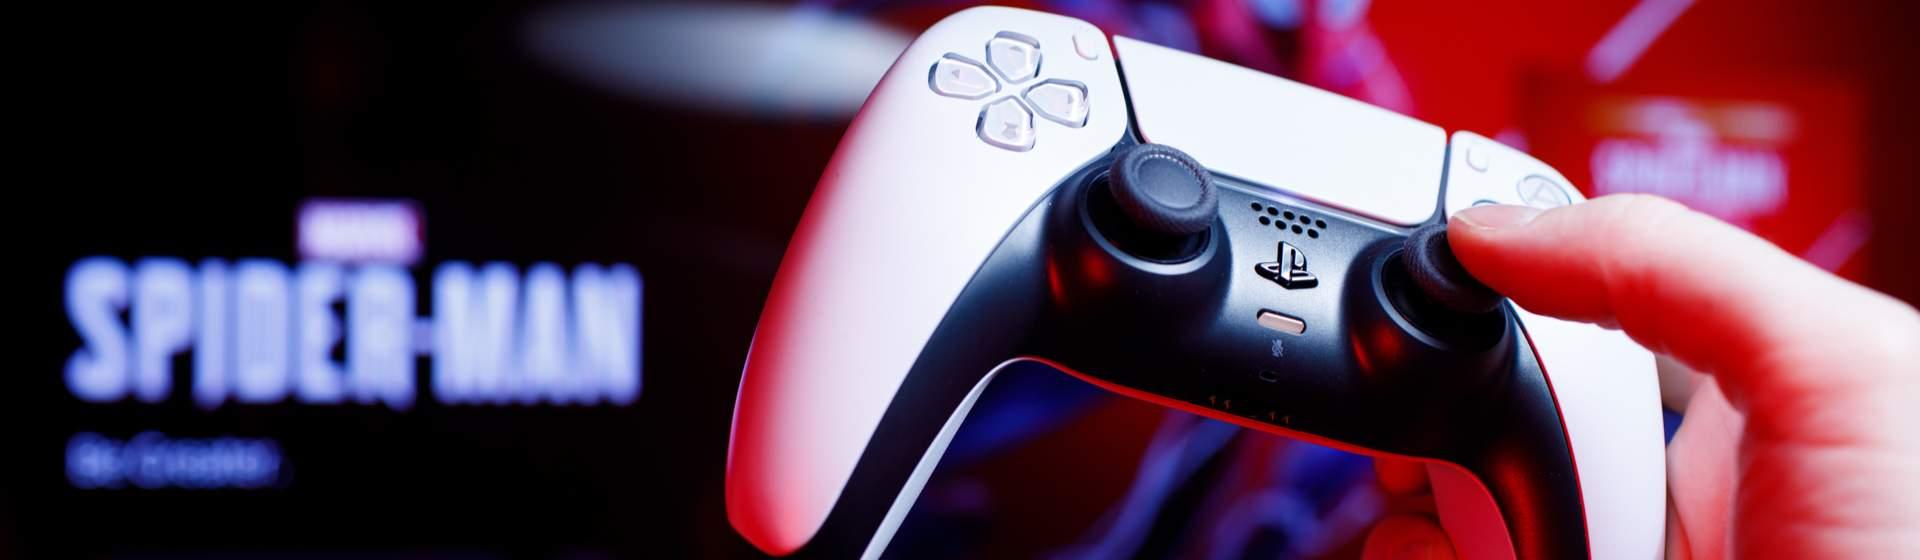 Controle DualSense de PS5 com jogo Marvel's Spider-Man passando ao fundo